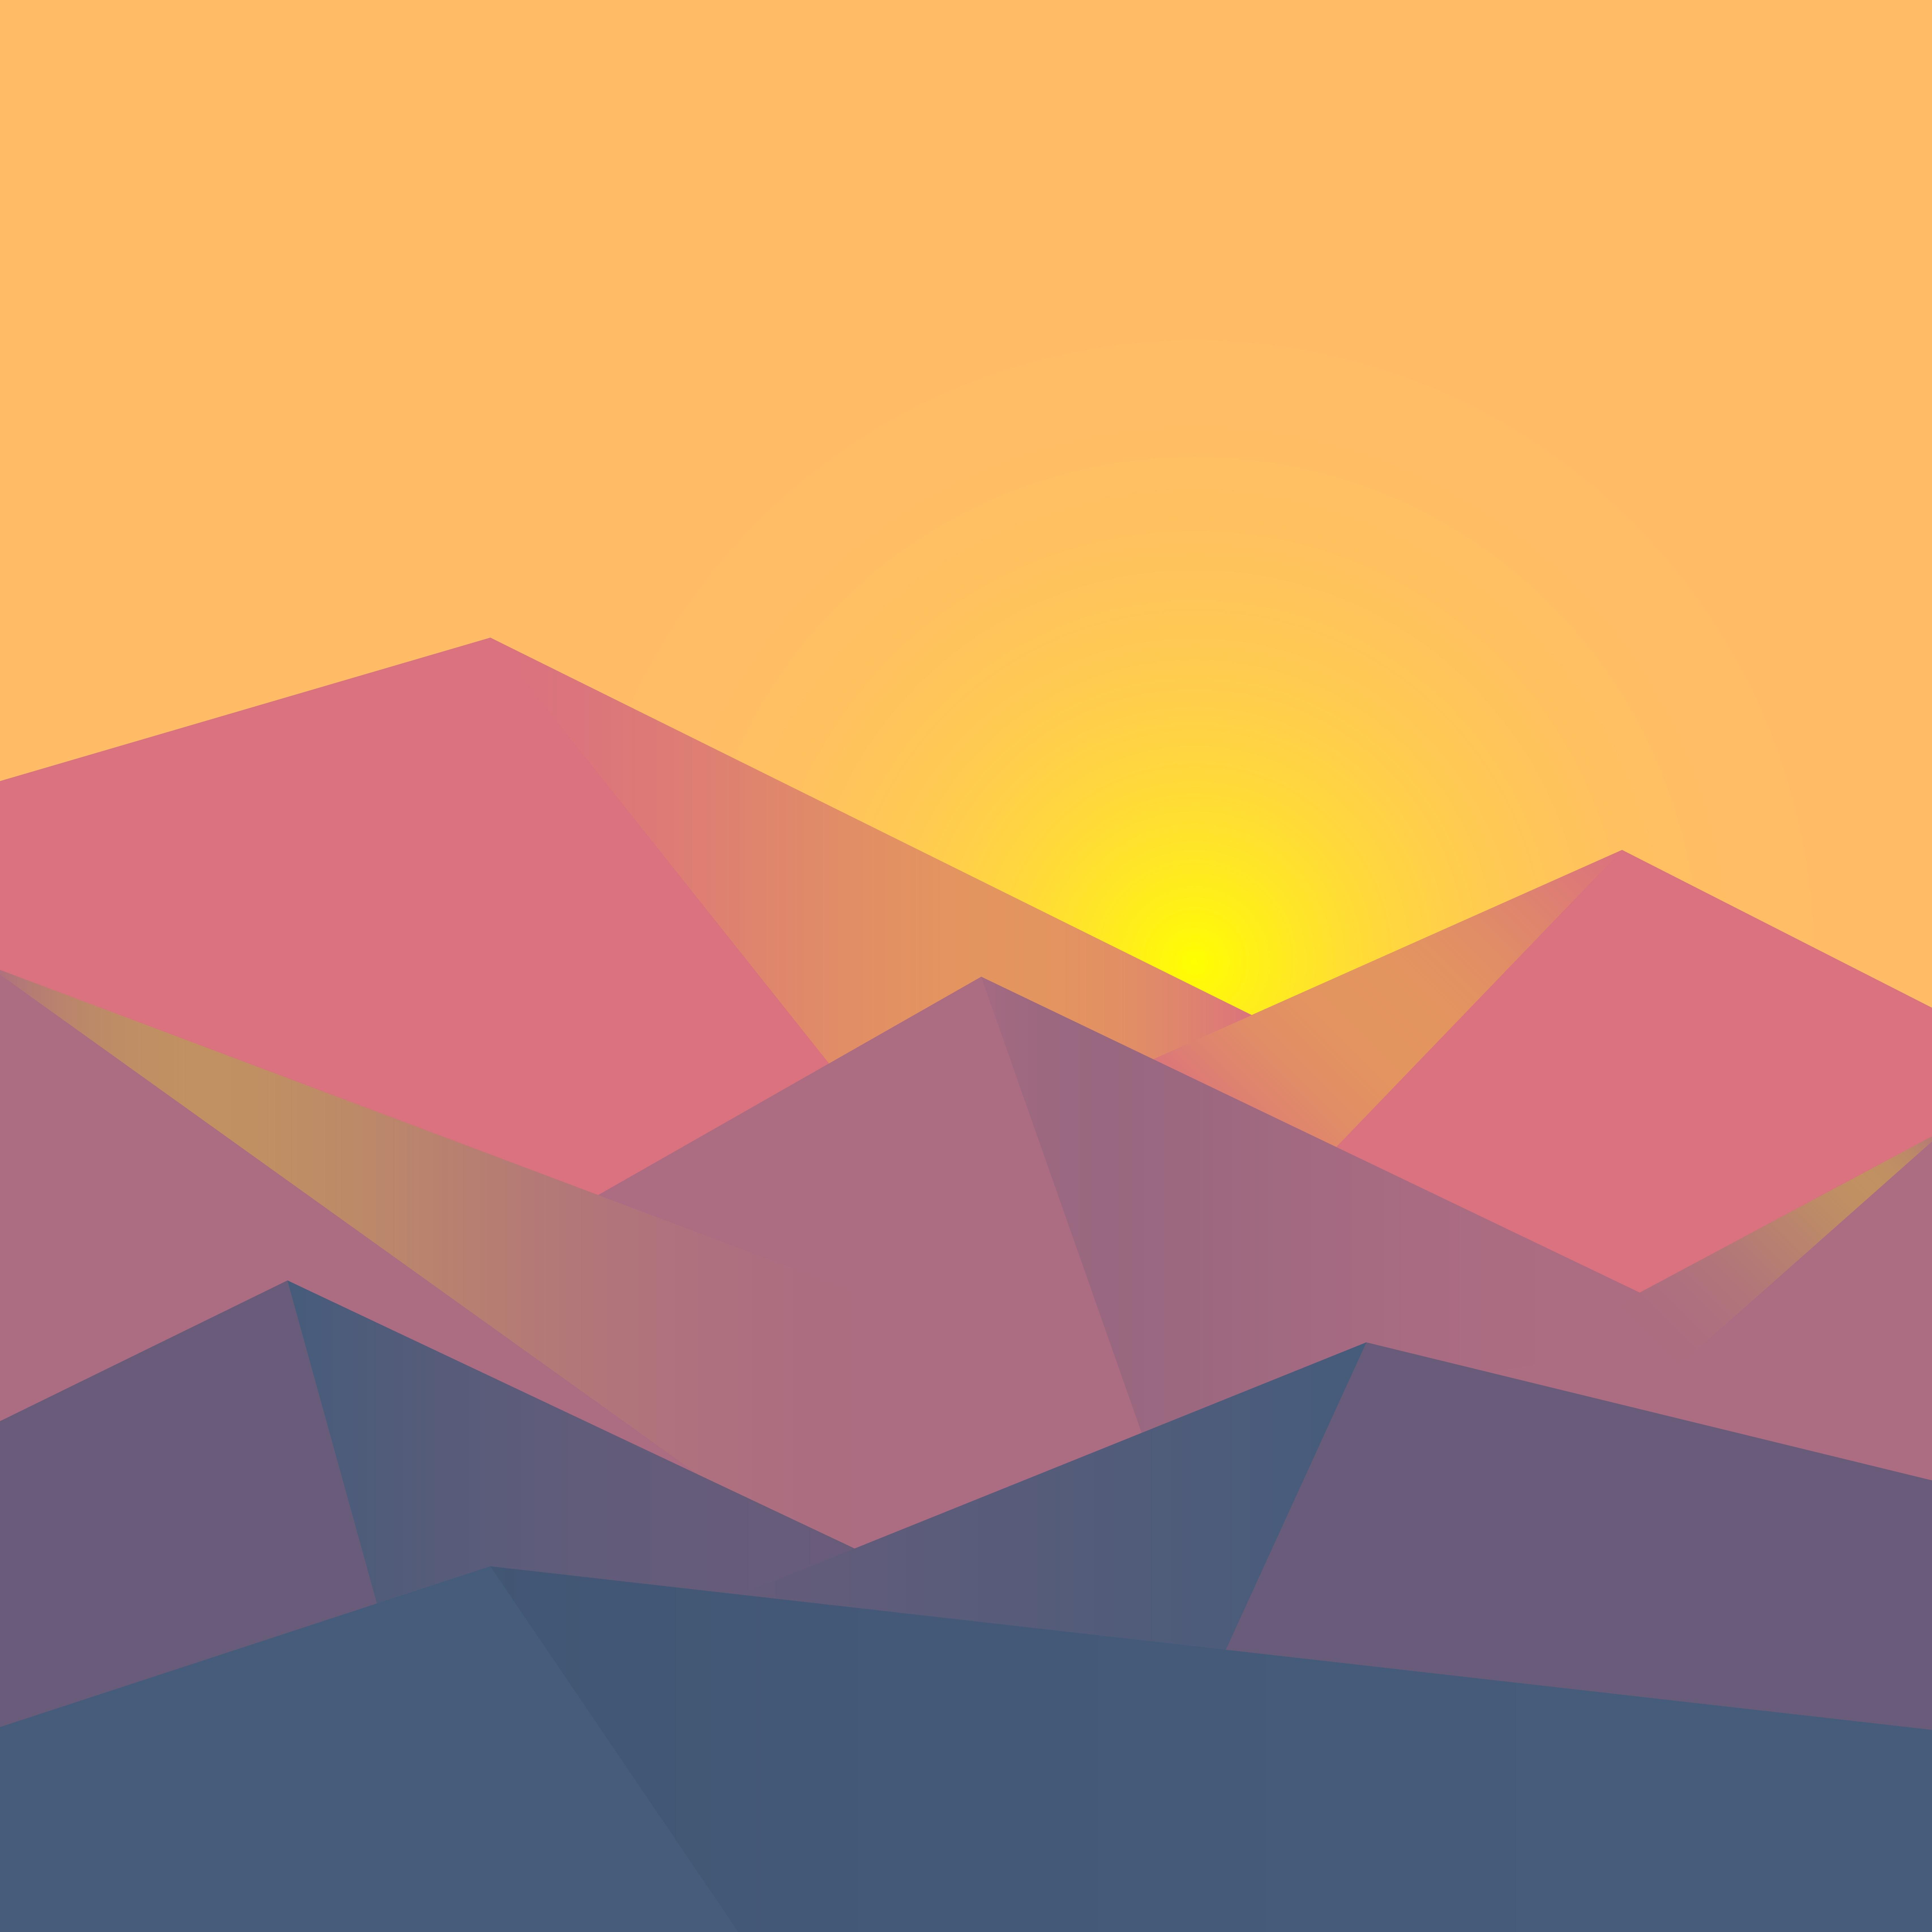 104171 免費下載壁紙 向量, 矢量, 极简主义, 几何的, 几何, 景观 屏保和圖片